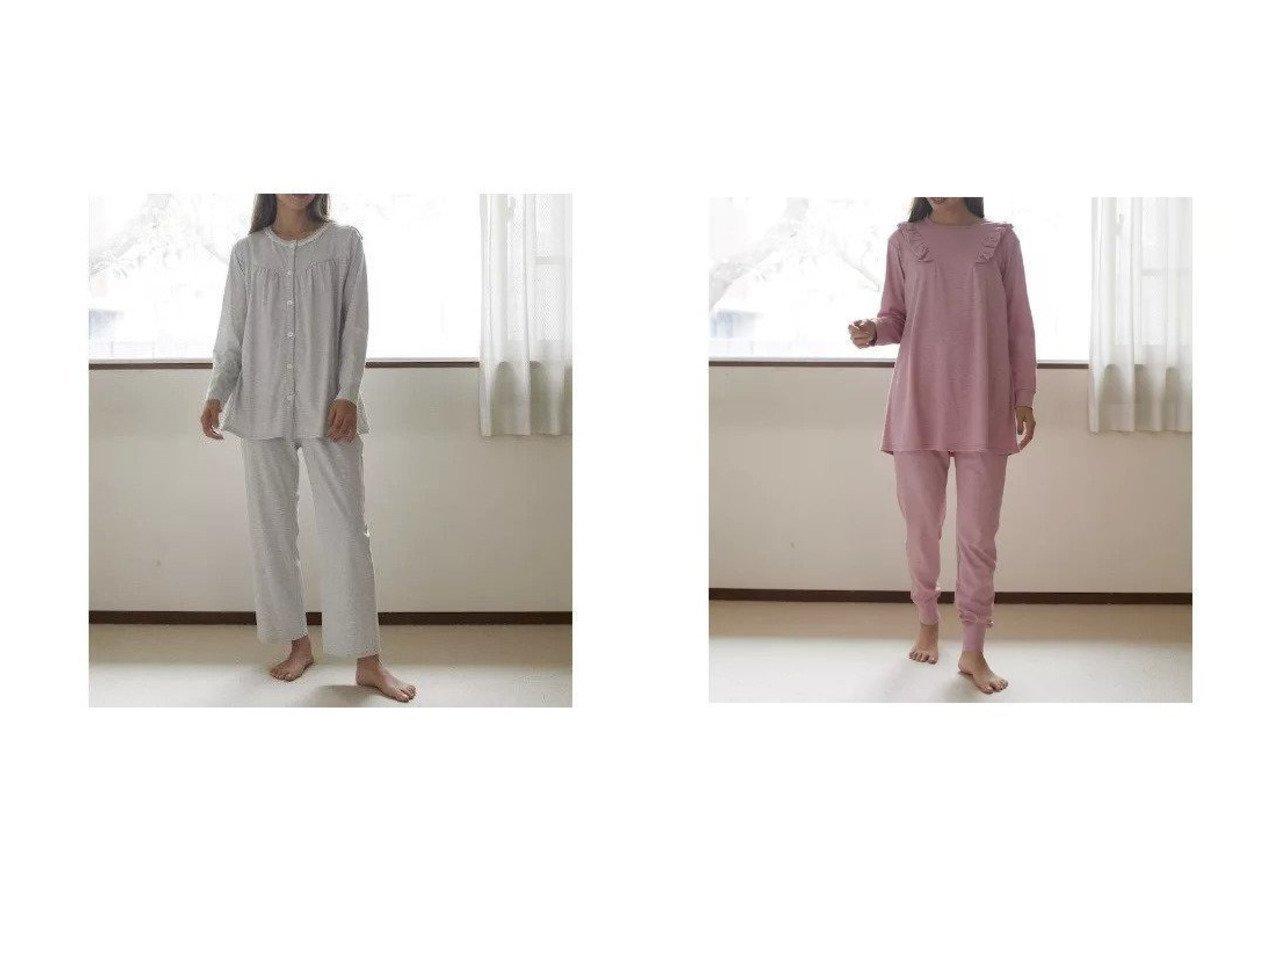 【nanadecor/ナナデコール】のフェンネルパジャマ 上下セット&カトレアスムースパジャマ おすすめ!人気、トレンド・レディースファッションの通販 おすすめで人気の流行・トレンド、ファッションの通販商品 インテリア・家具・メンズファッション・キッズファッション・レディースファッション・服の通販 founy(ファニー) https://founy.com/ ファッション Fashion レディースファッション WOMEN アンダー カットソー ギャザー パジャマ ベーシック レース フリル  ID:crp329100000061663